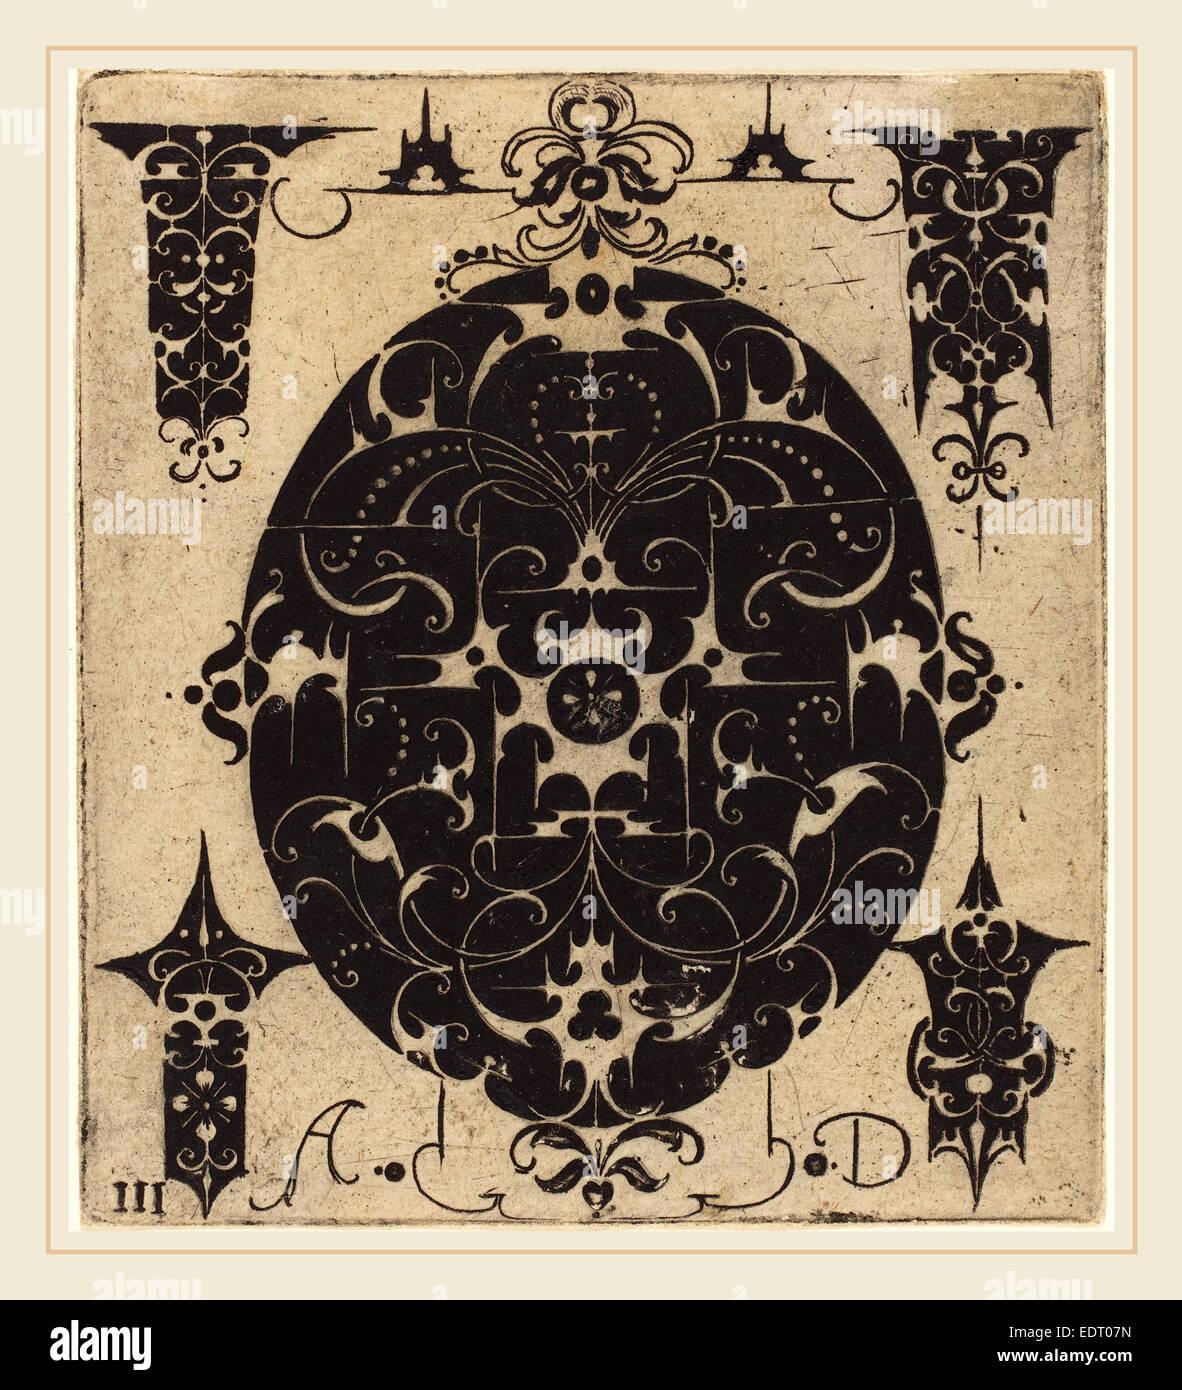 Annuncio Master (tedesco, attivo tardo XVI secolo), Ornamento, incisione Immagini Stock